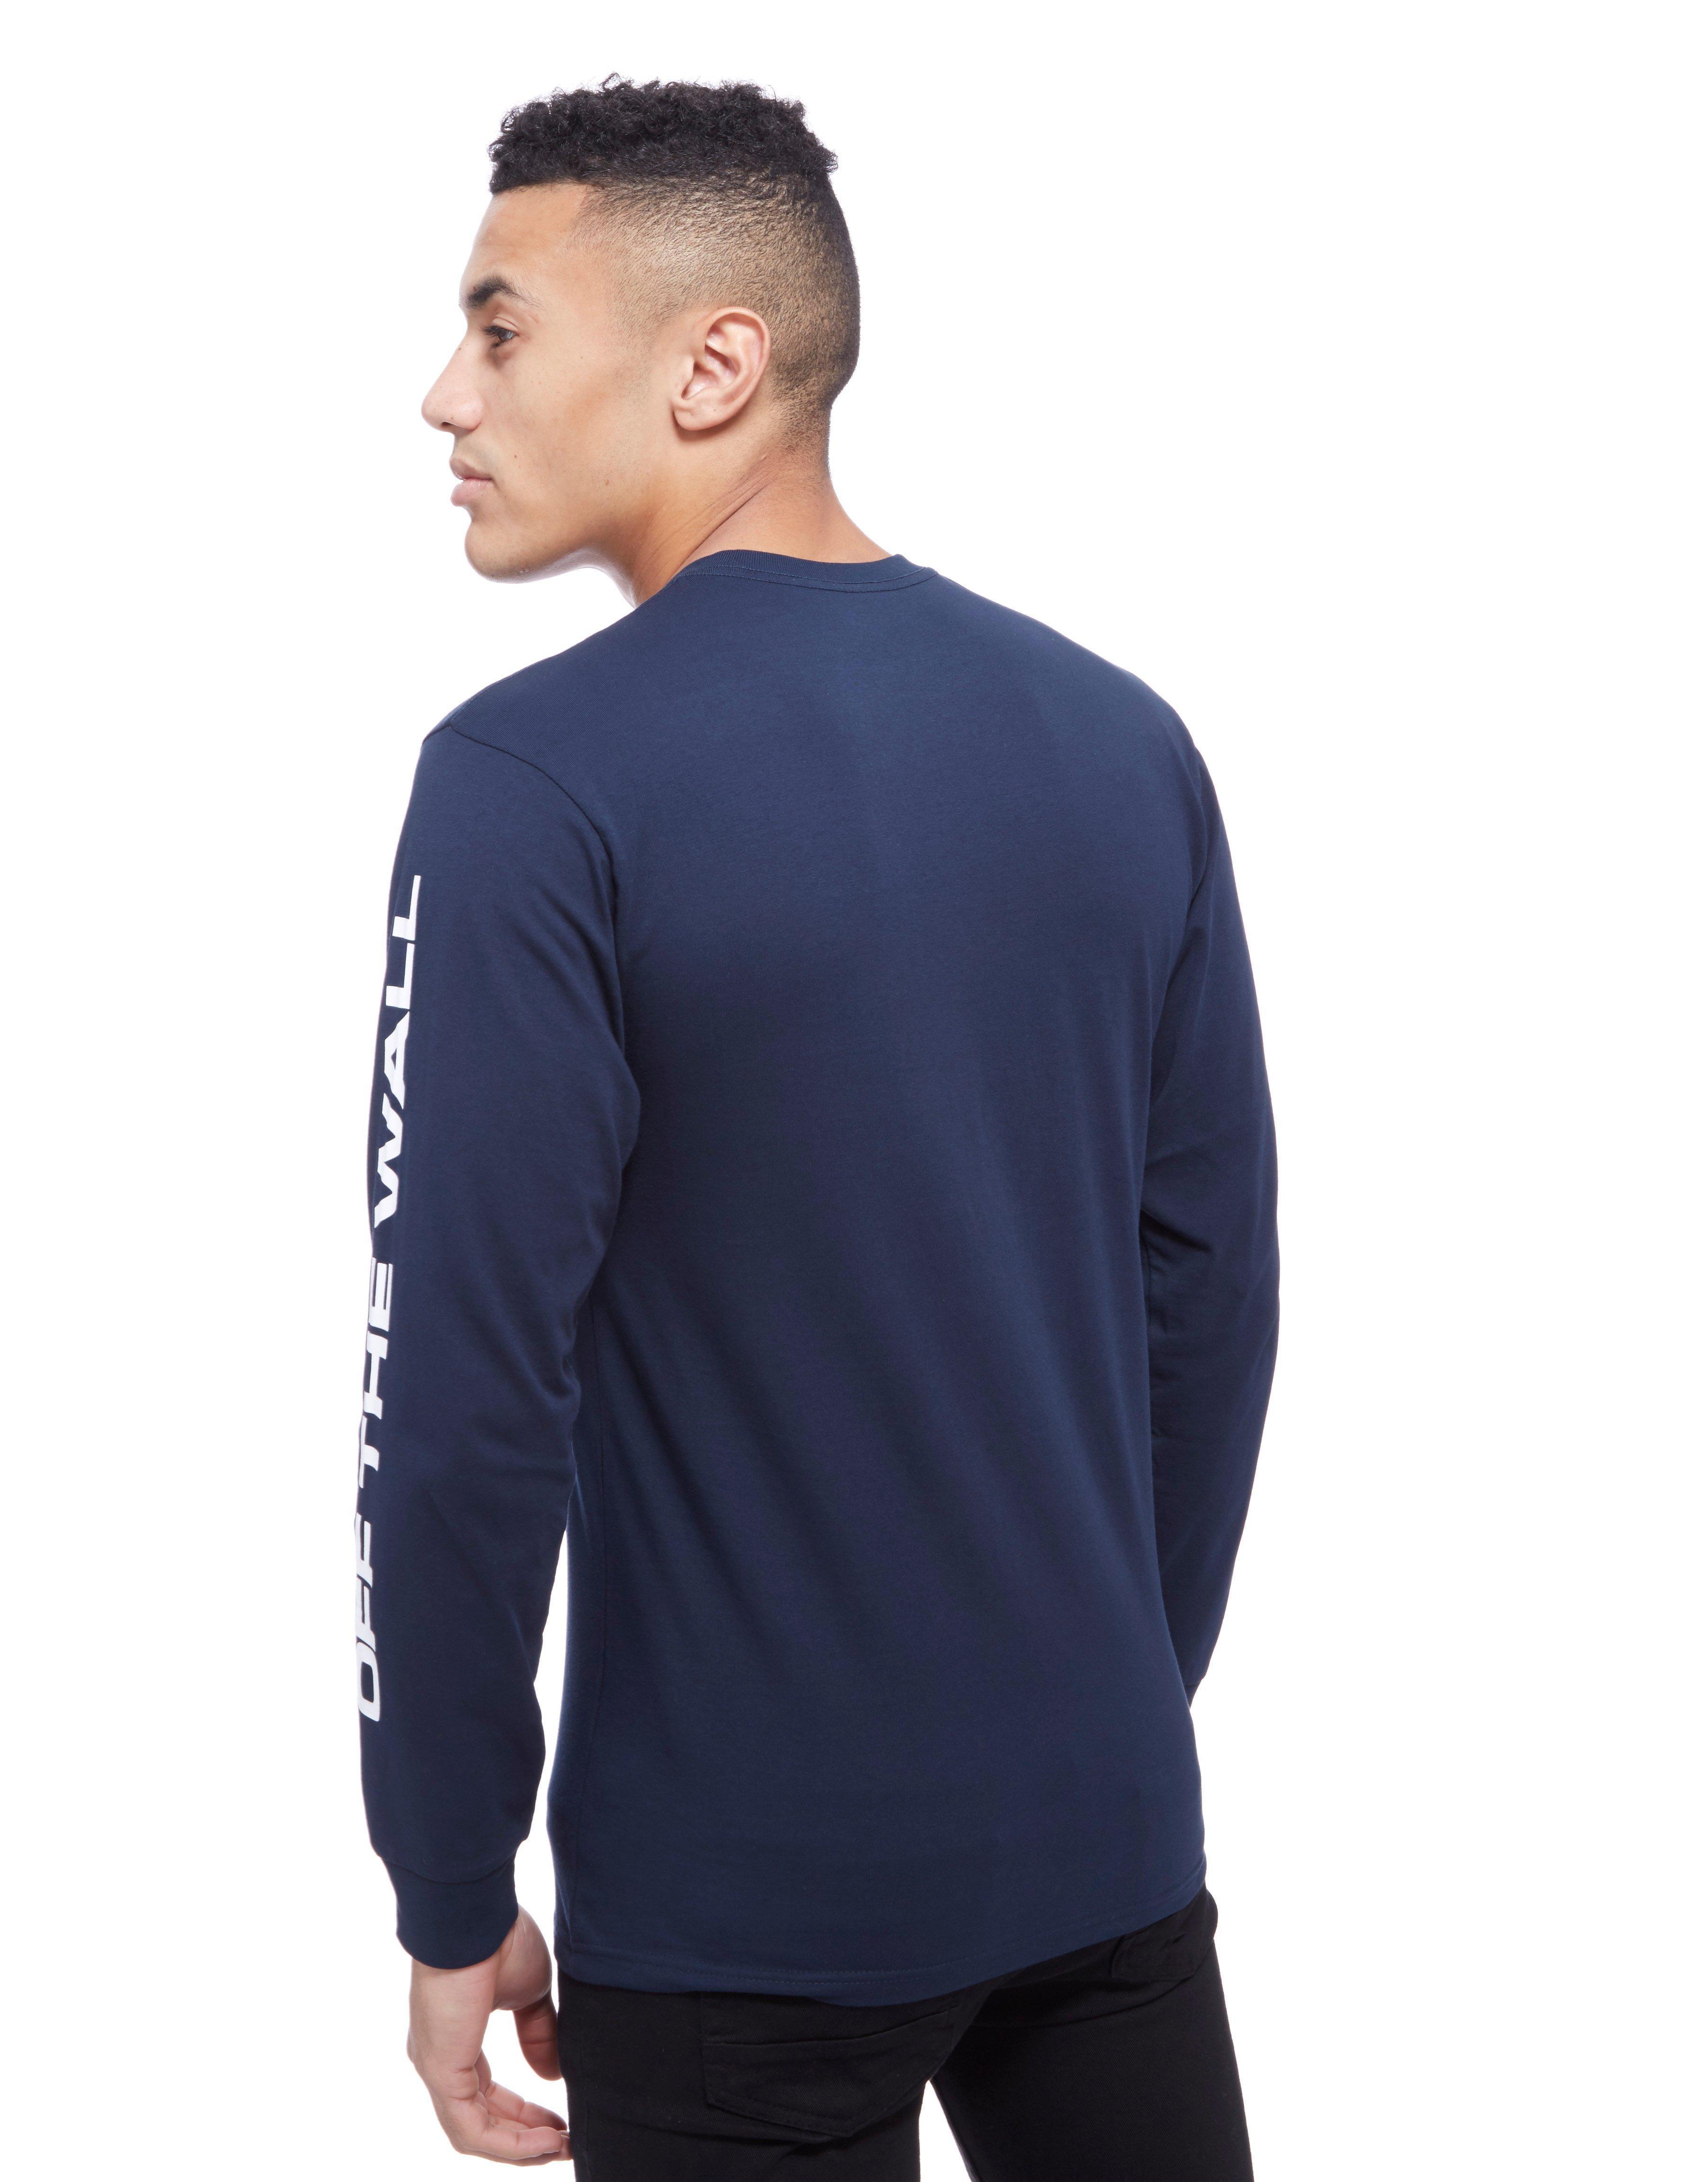 557879a3da9a48 Lyst - Vans Side Waze Long Sleeve T-shirt in Blue for Men